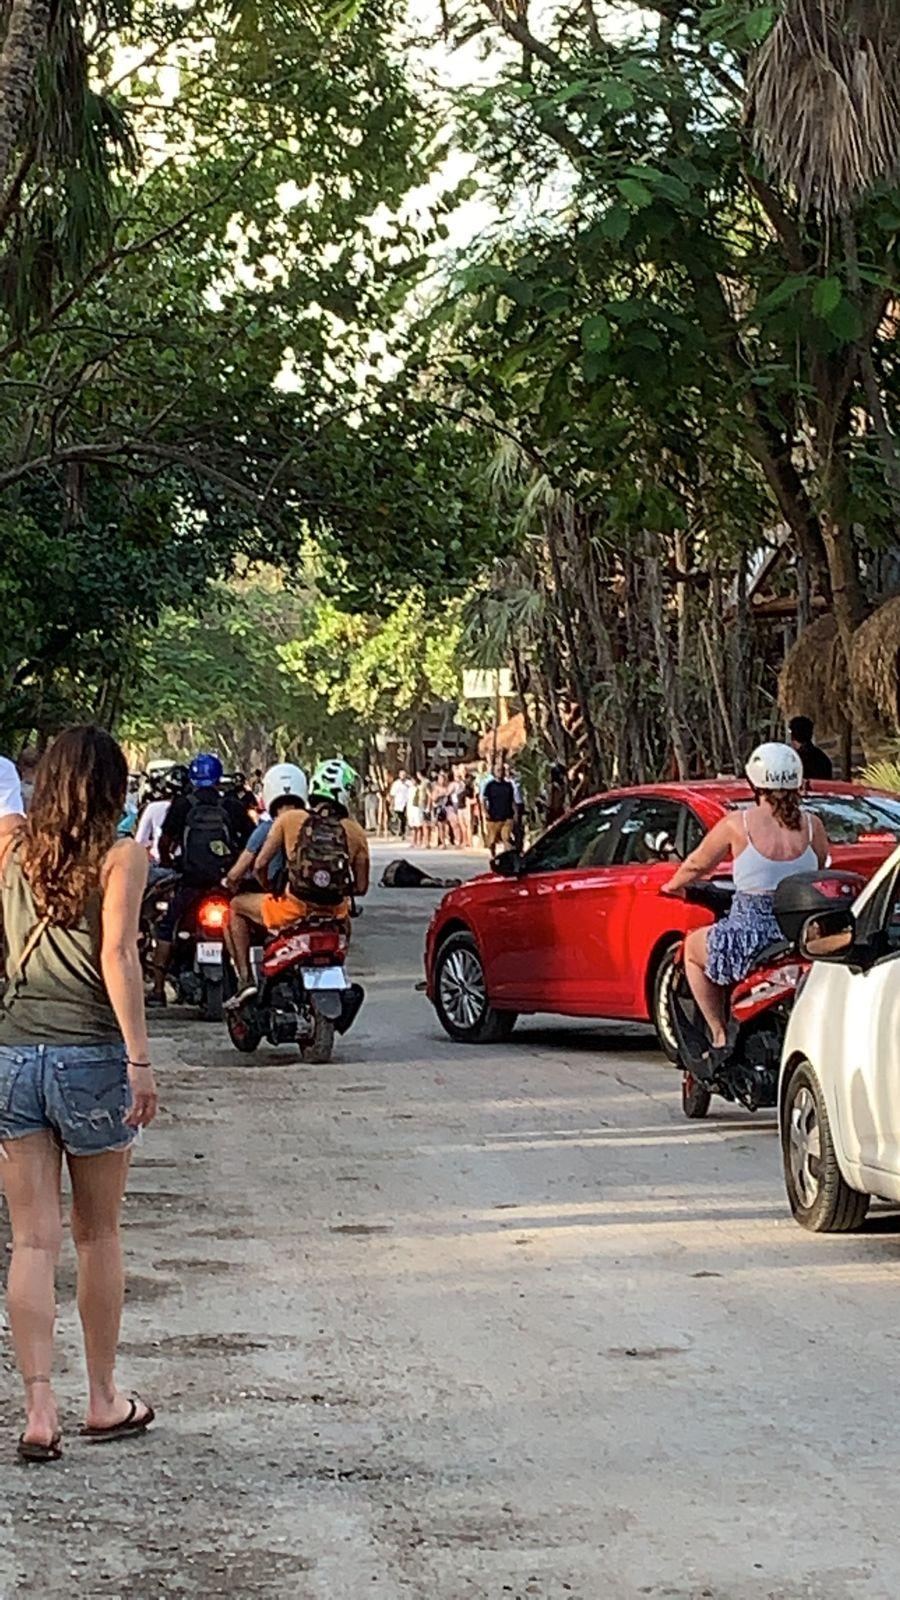 LE DISPARARON Y REGRESARON A REMATARLO… VIOLENCIA SIN FRENO EN TULUM:  Ejecutan a hombre en zona costera, frente al restaurante 'Mohave' |  Noticaribe